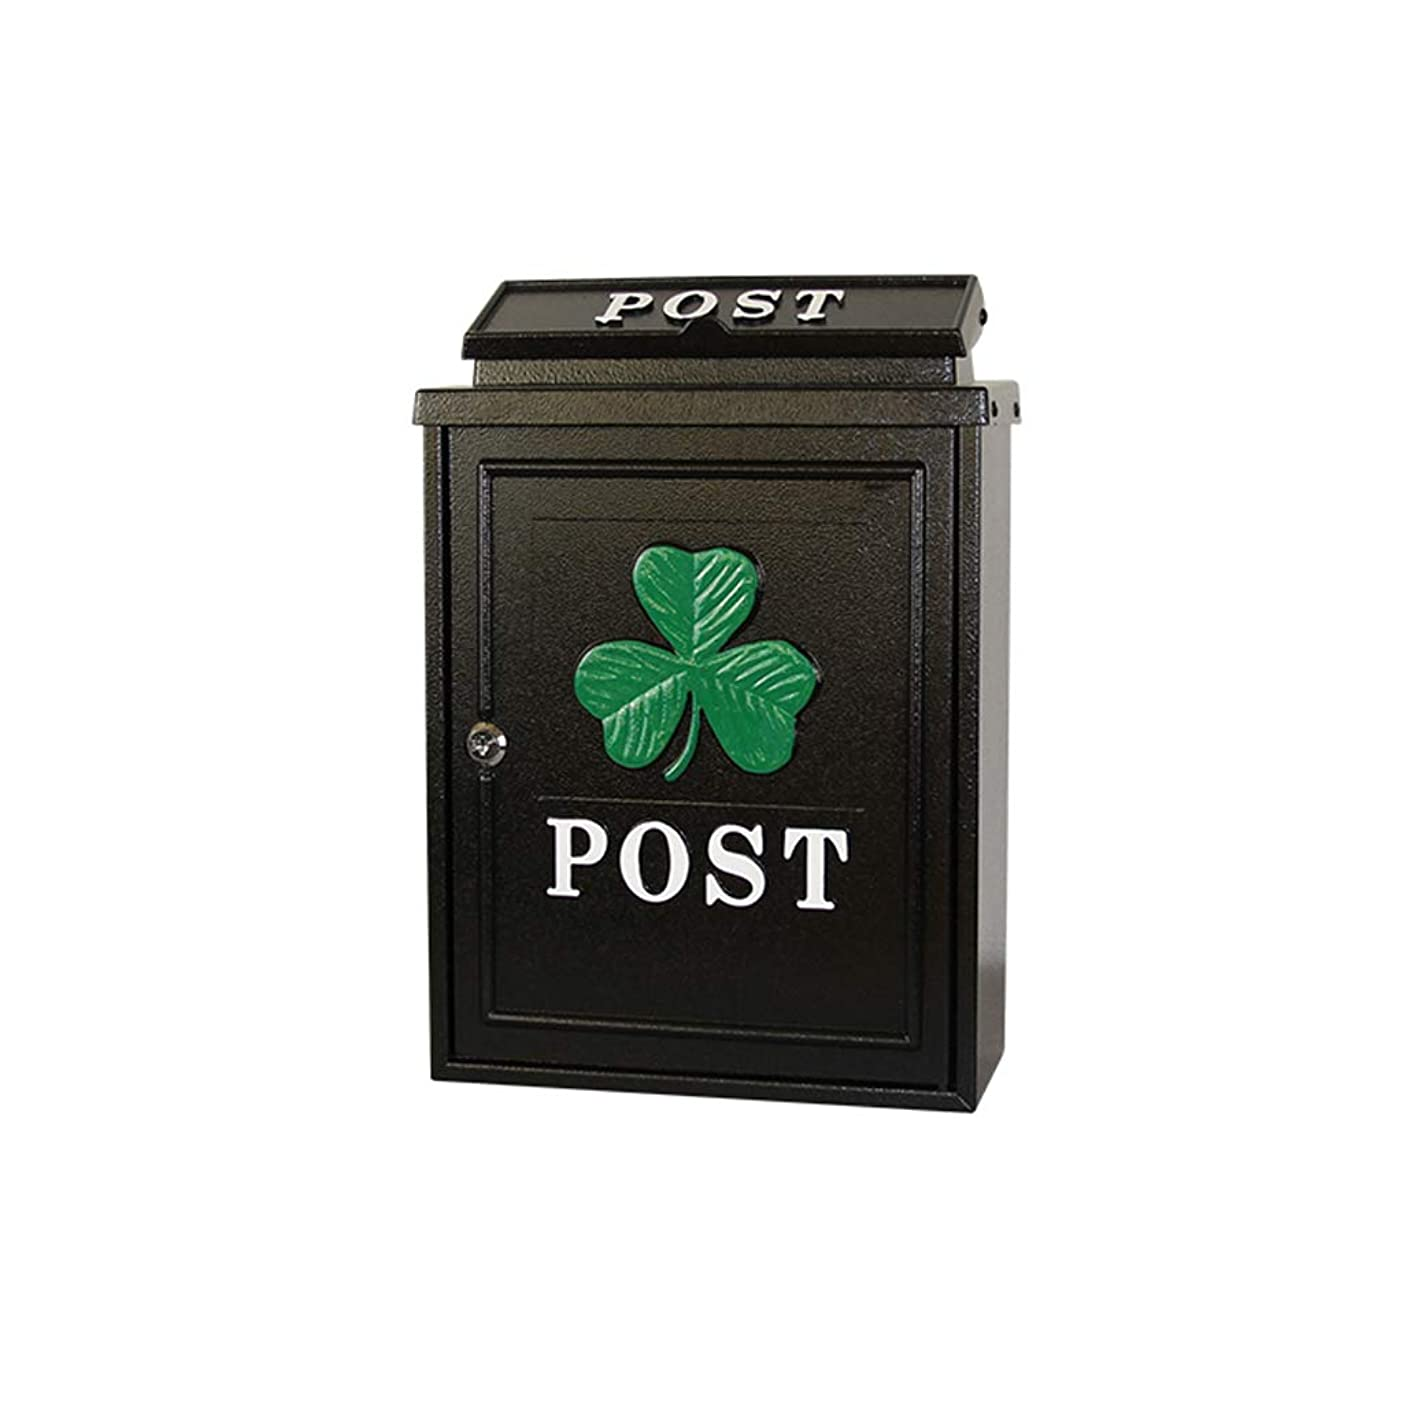 錆び探偵エッセンスHZBc ヨーロッパの郵便箱屋外ヴィラ、牧歌的なクリエイティブ壁掛け防水レターボックス、壁掛け装飾、クローバー